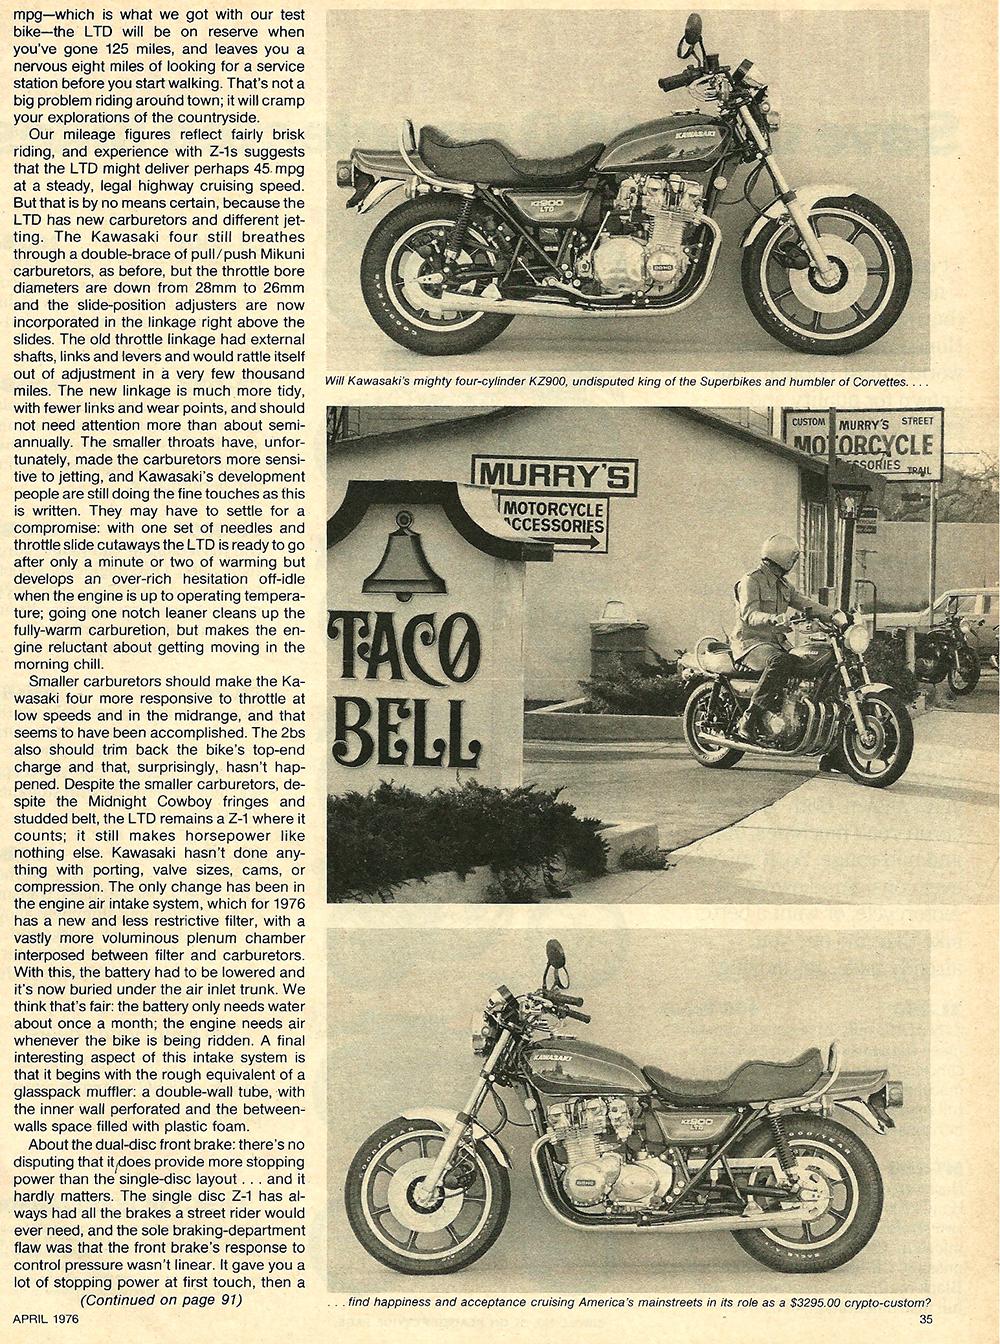 1976 Kawasaki KZ900 LTD road test 6.jpg